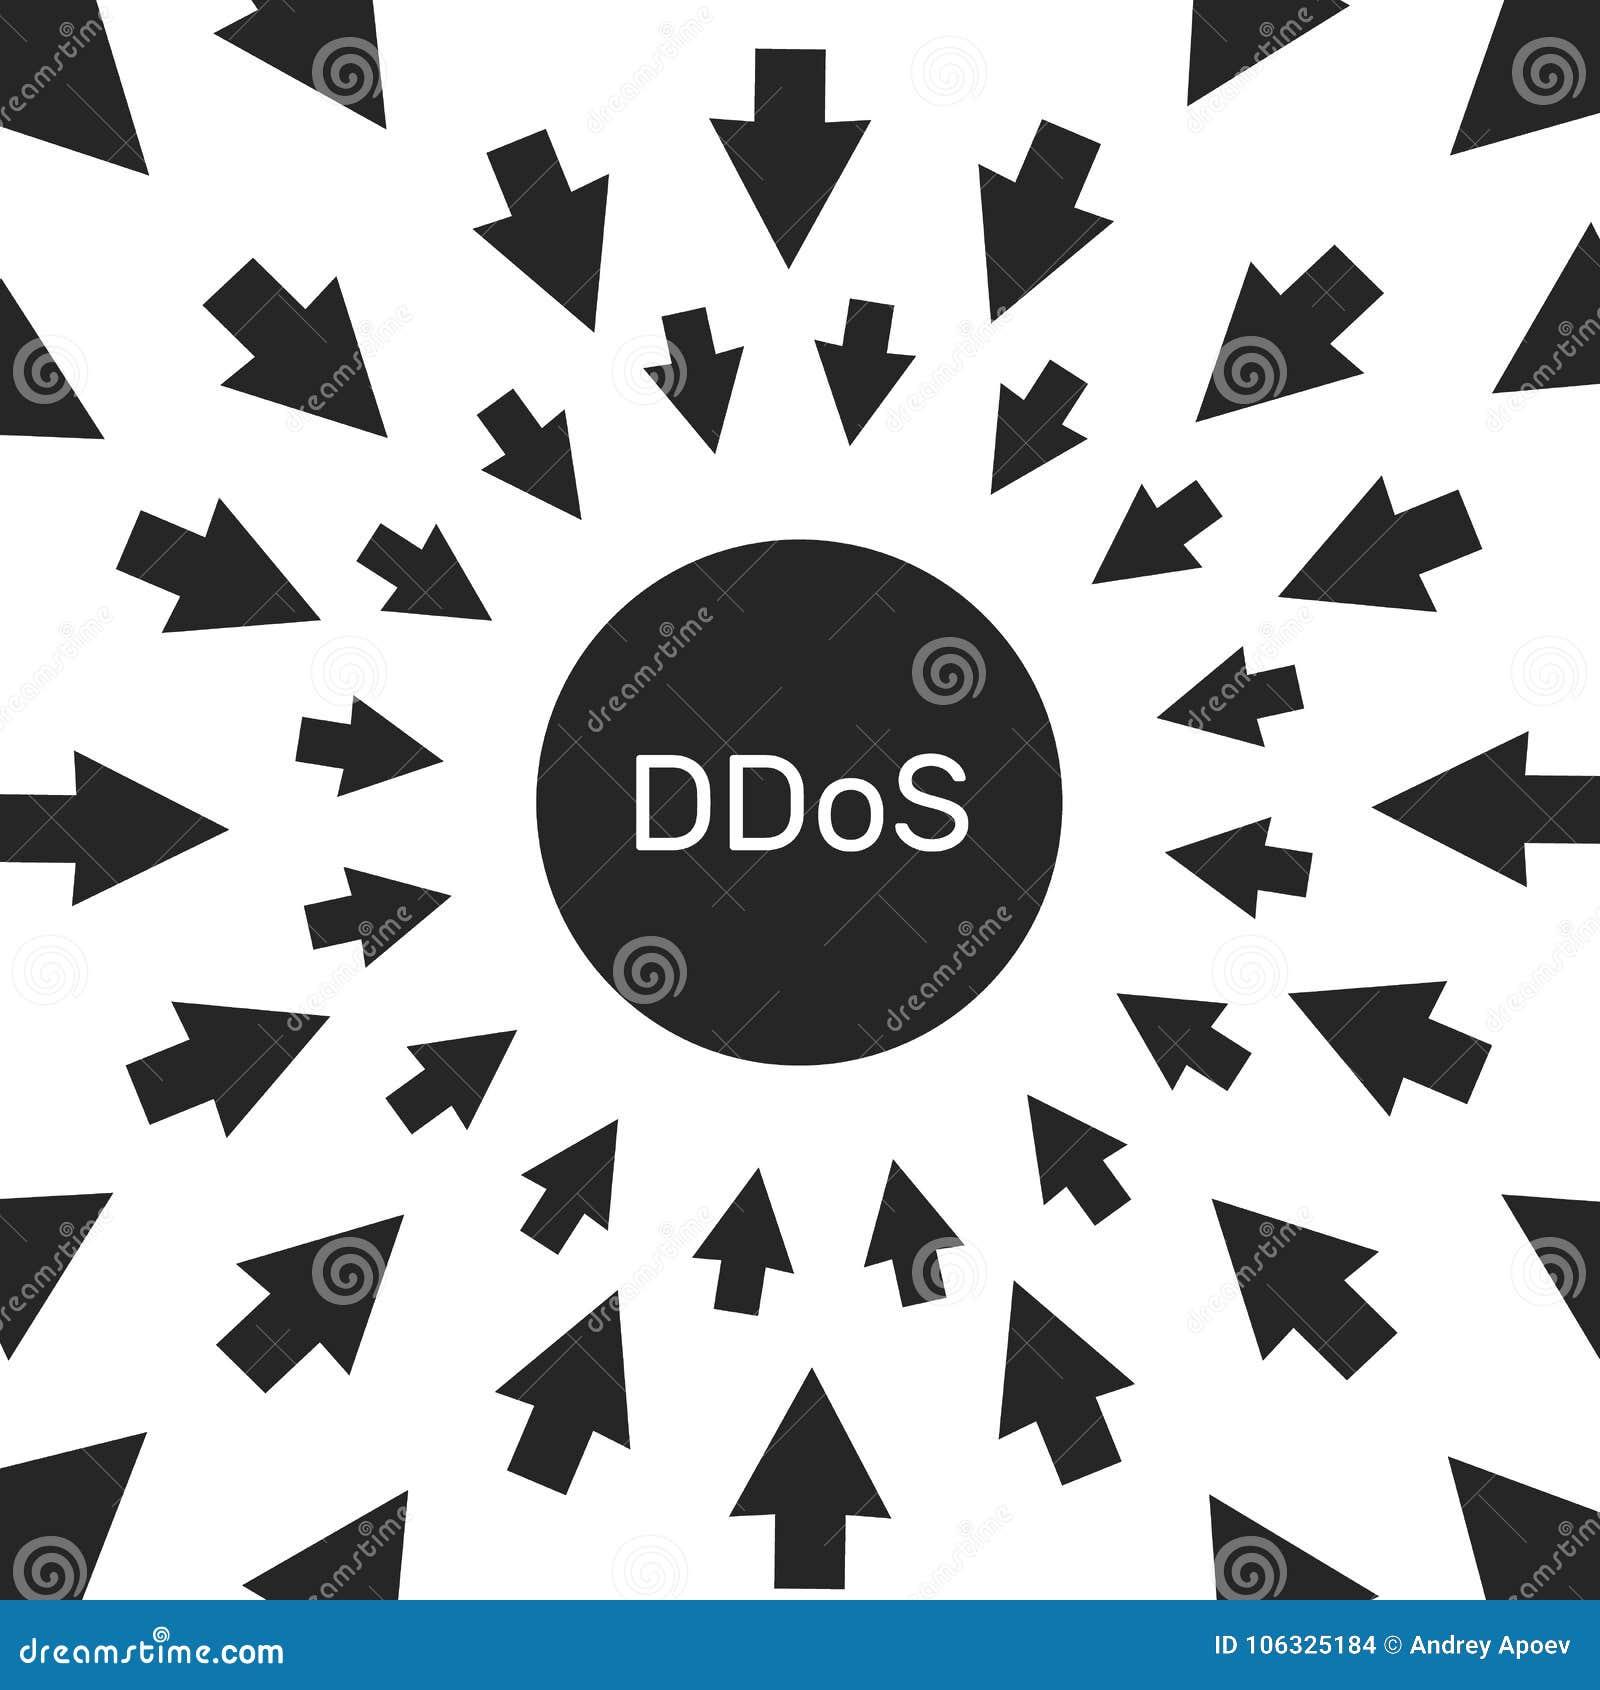 Ataque do hacker de DDoS ameaça da segurança informática e da rede